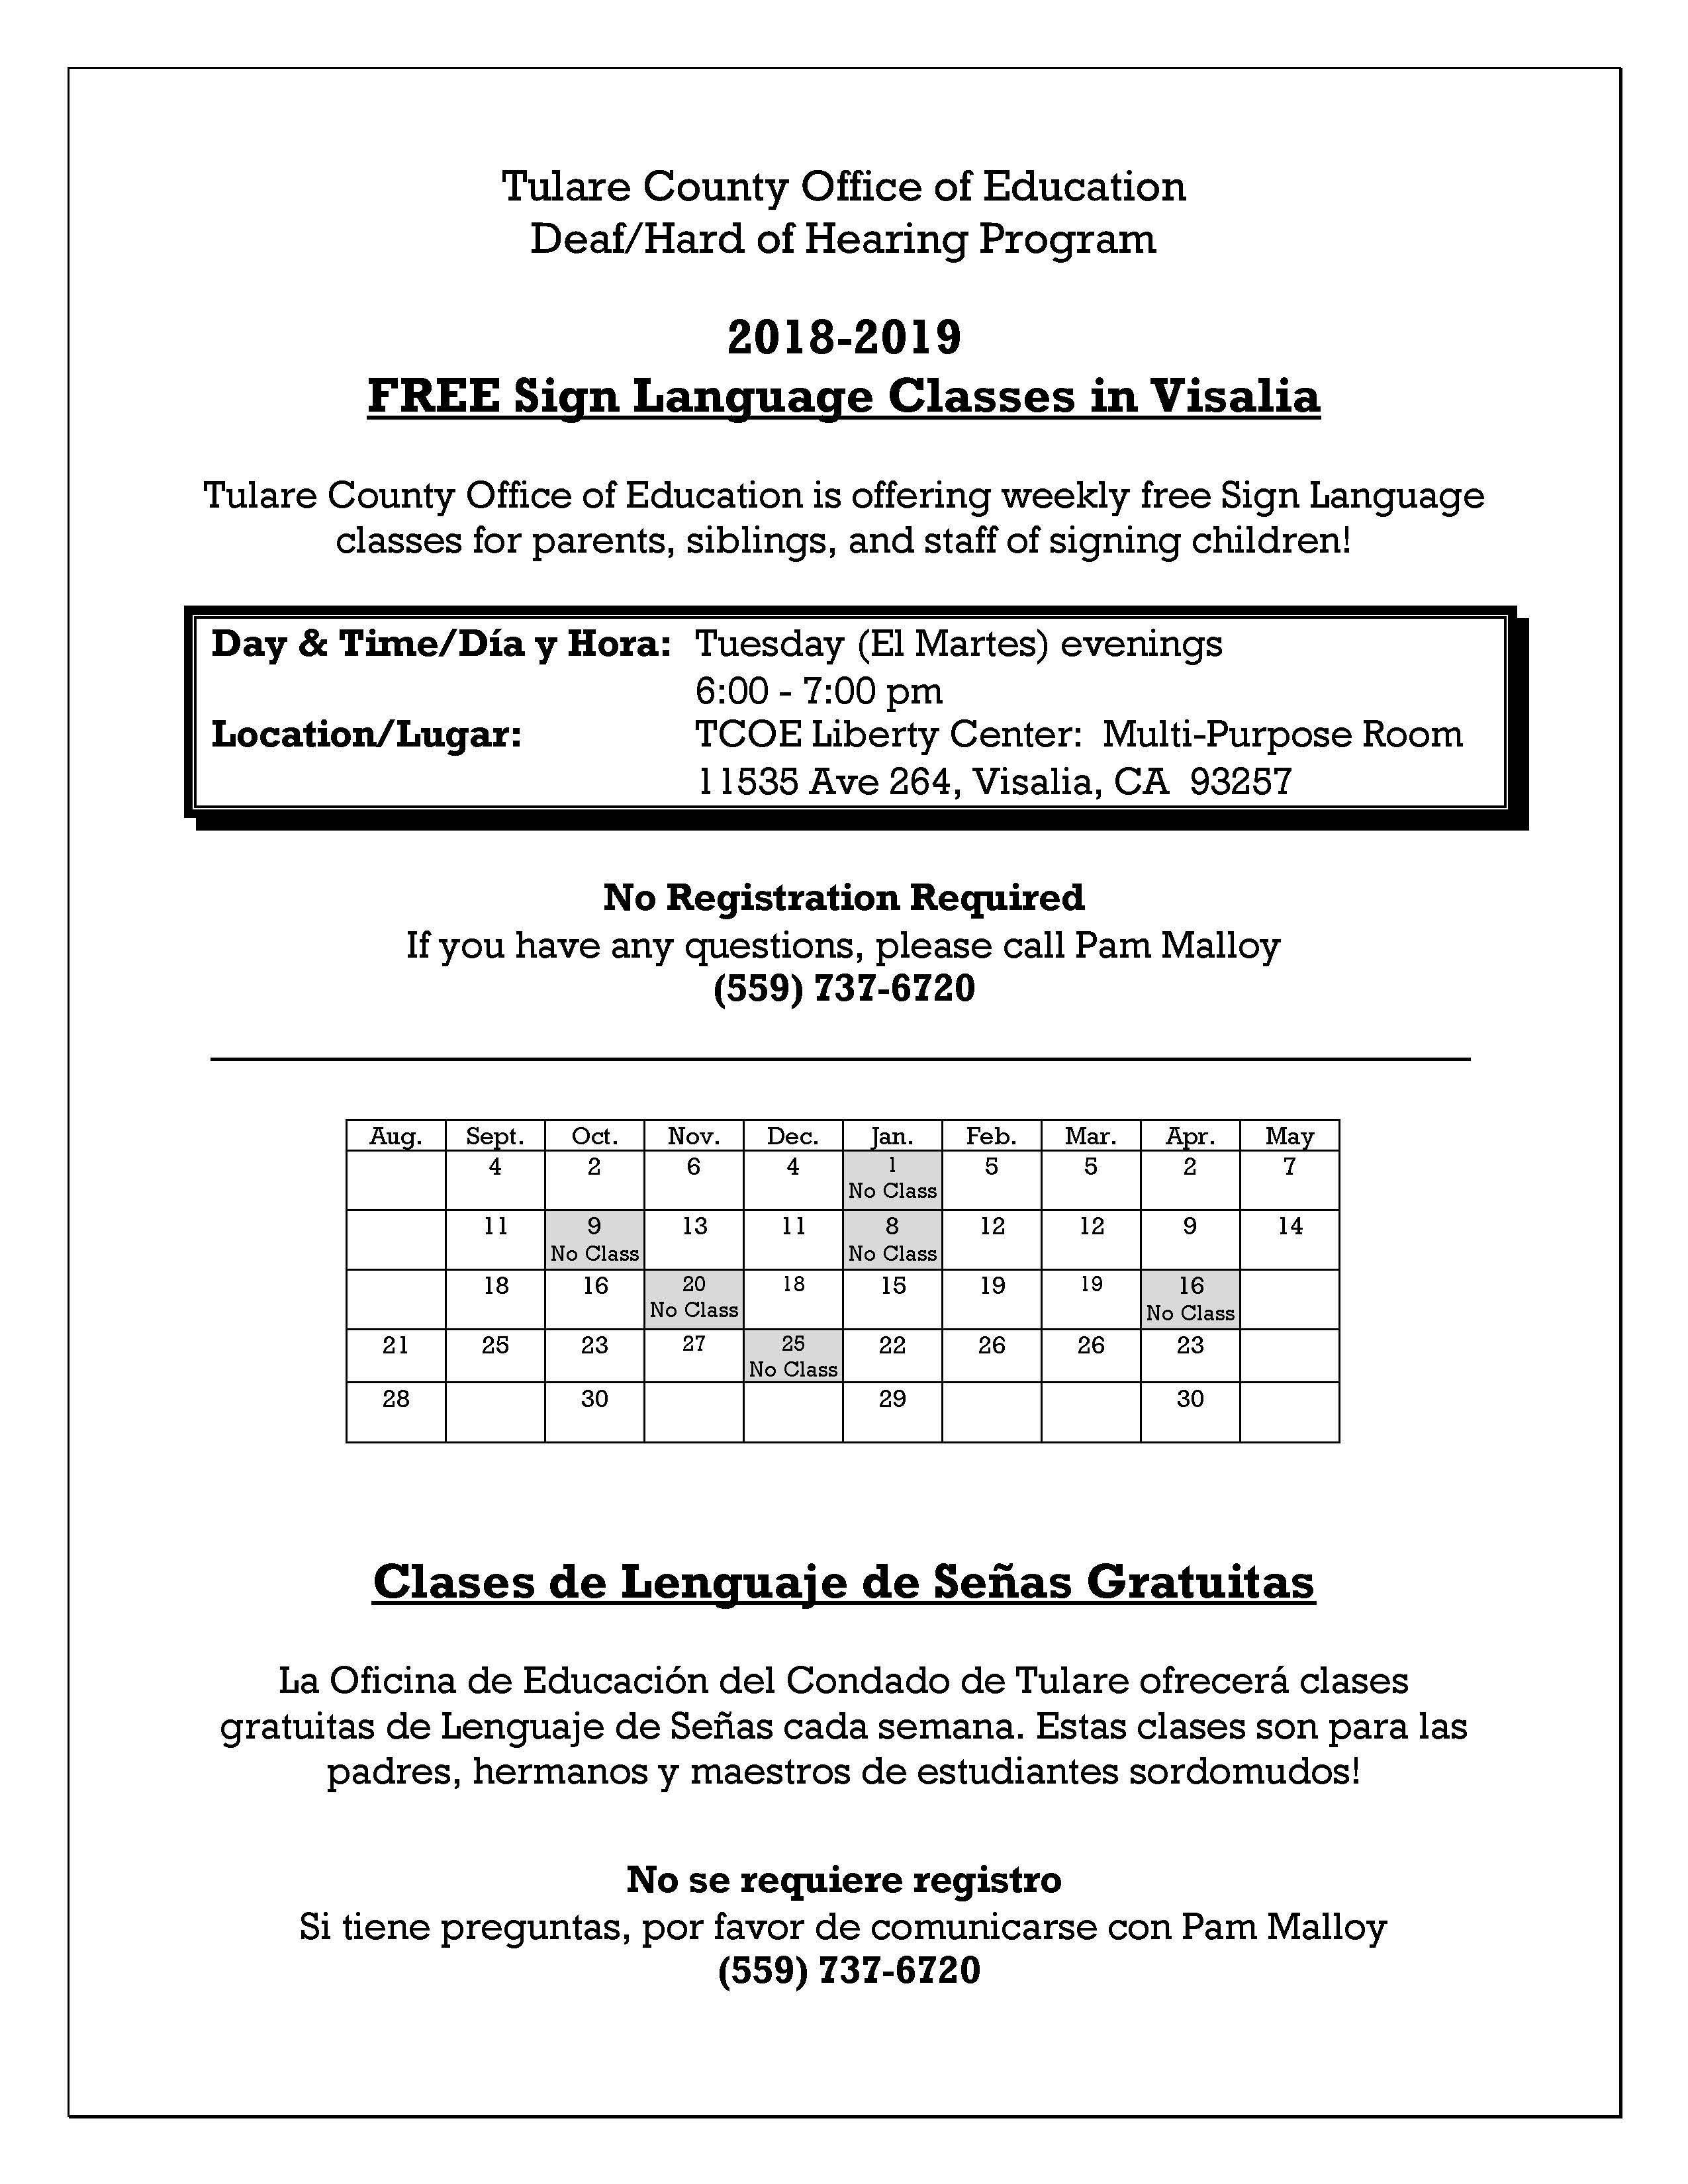 Visalia Sign Language Classes